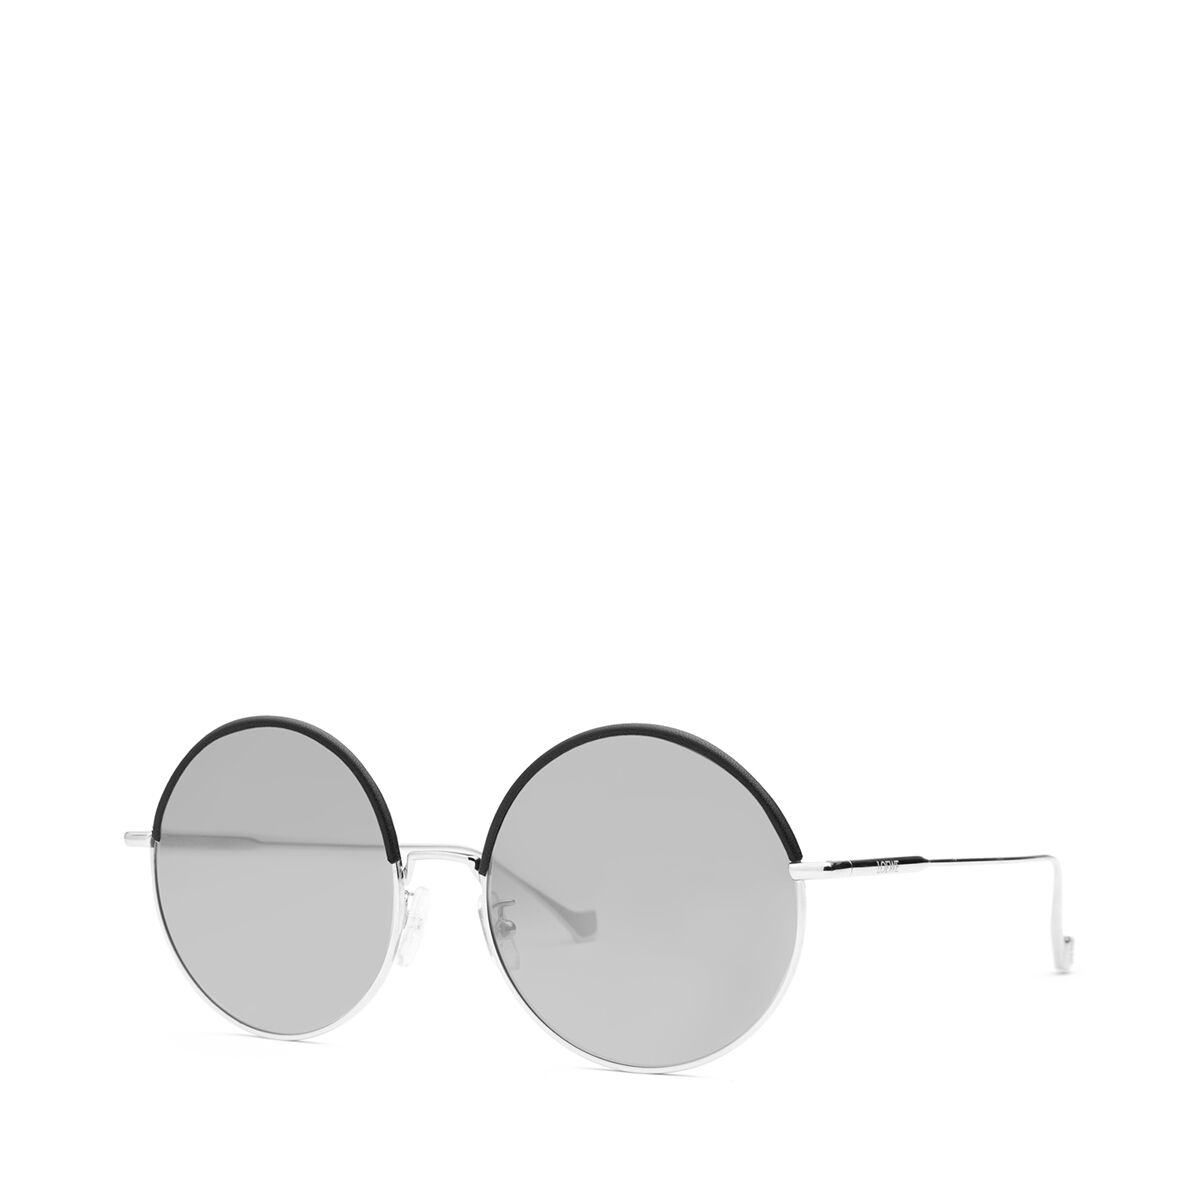 LOEWE Round Sunglasses Black/Gradient Smoke all